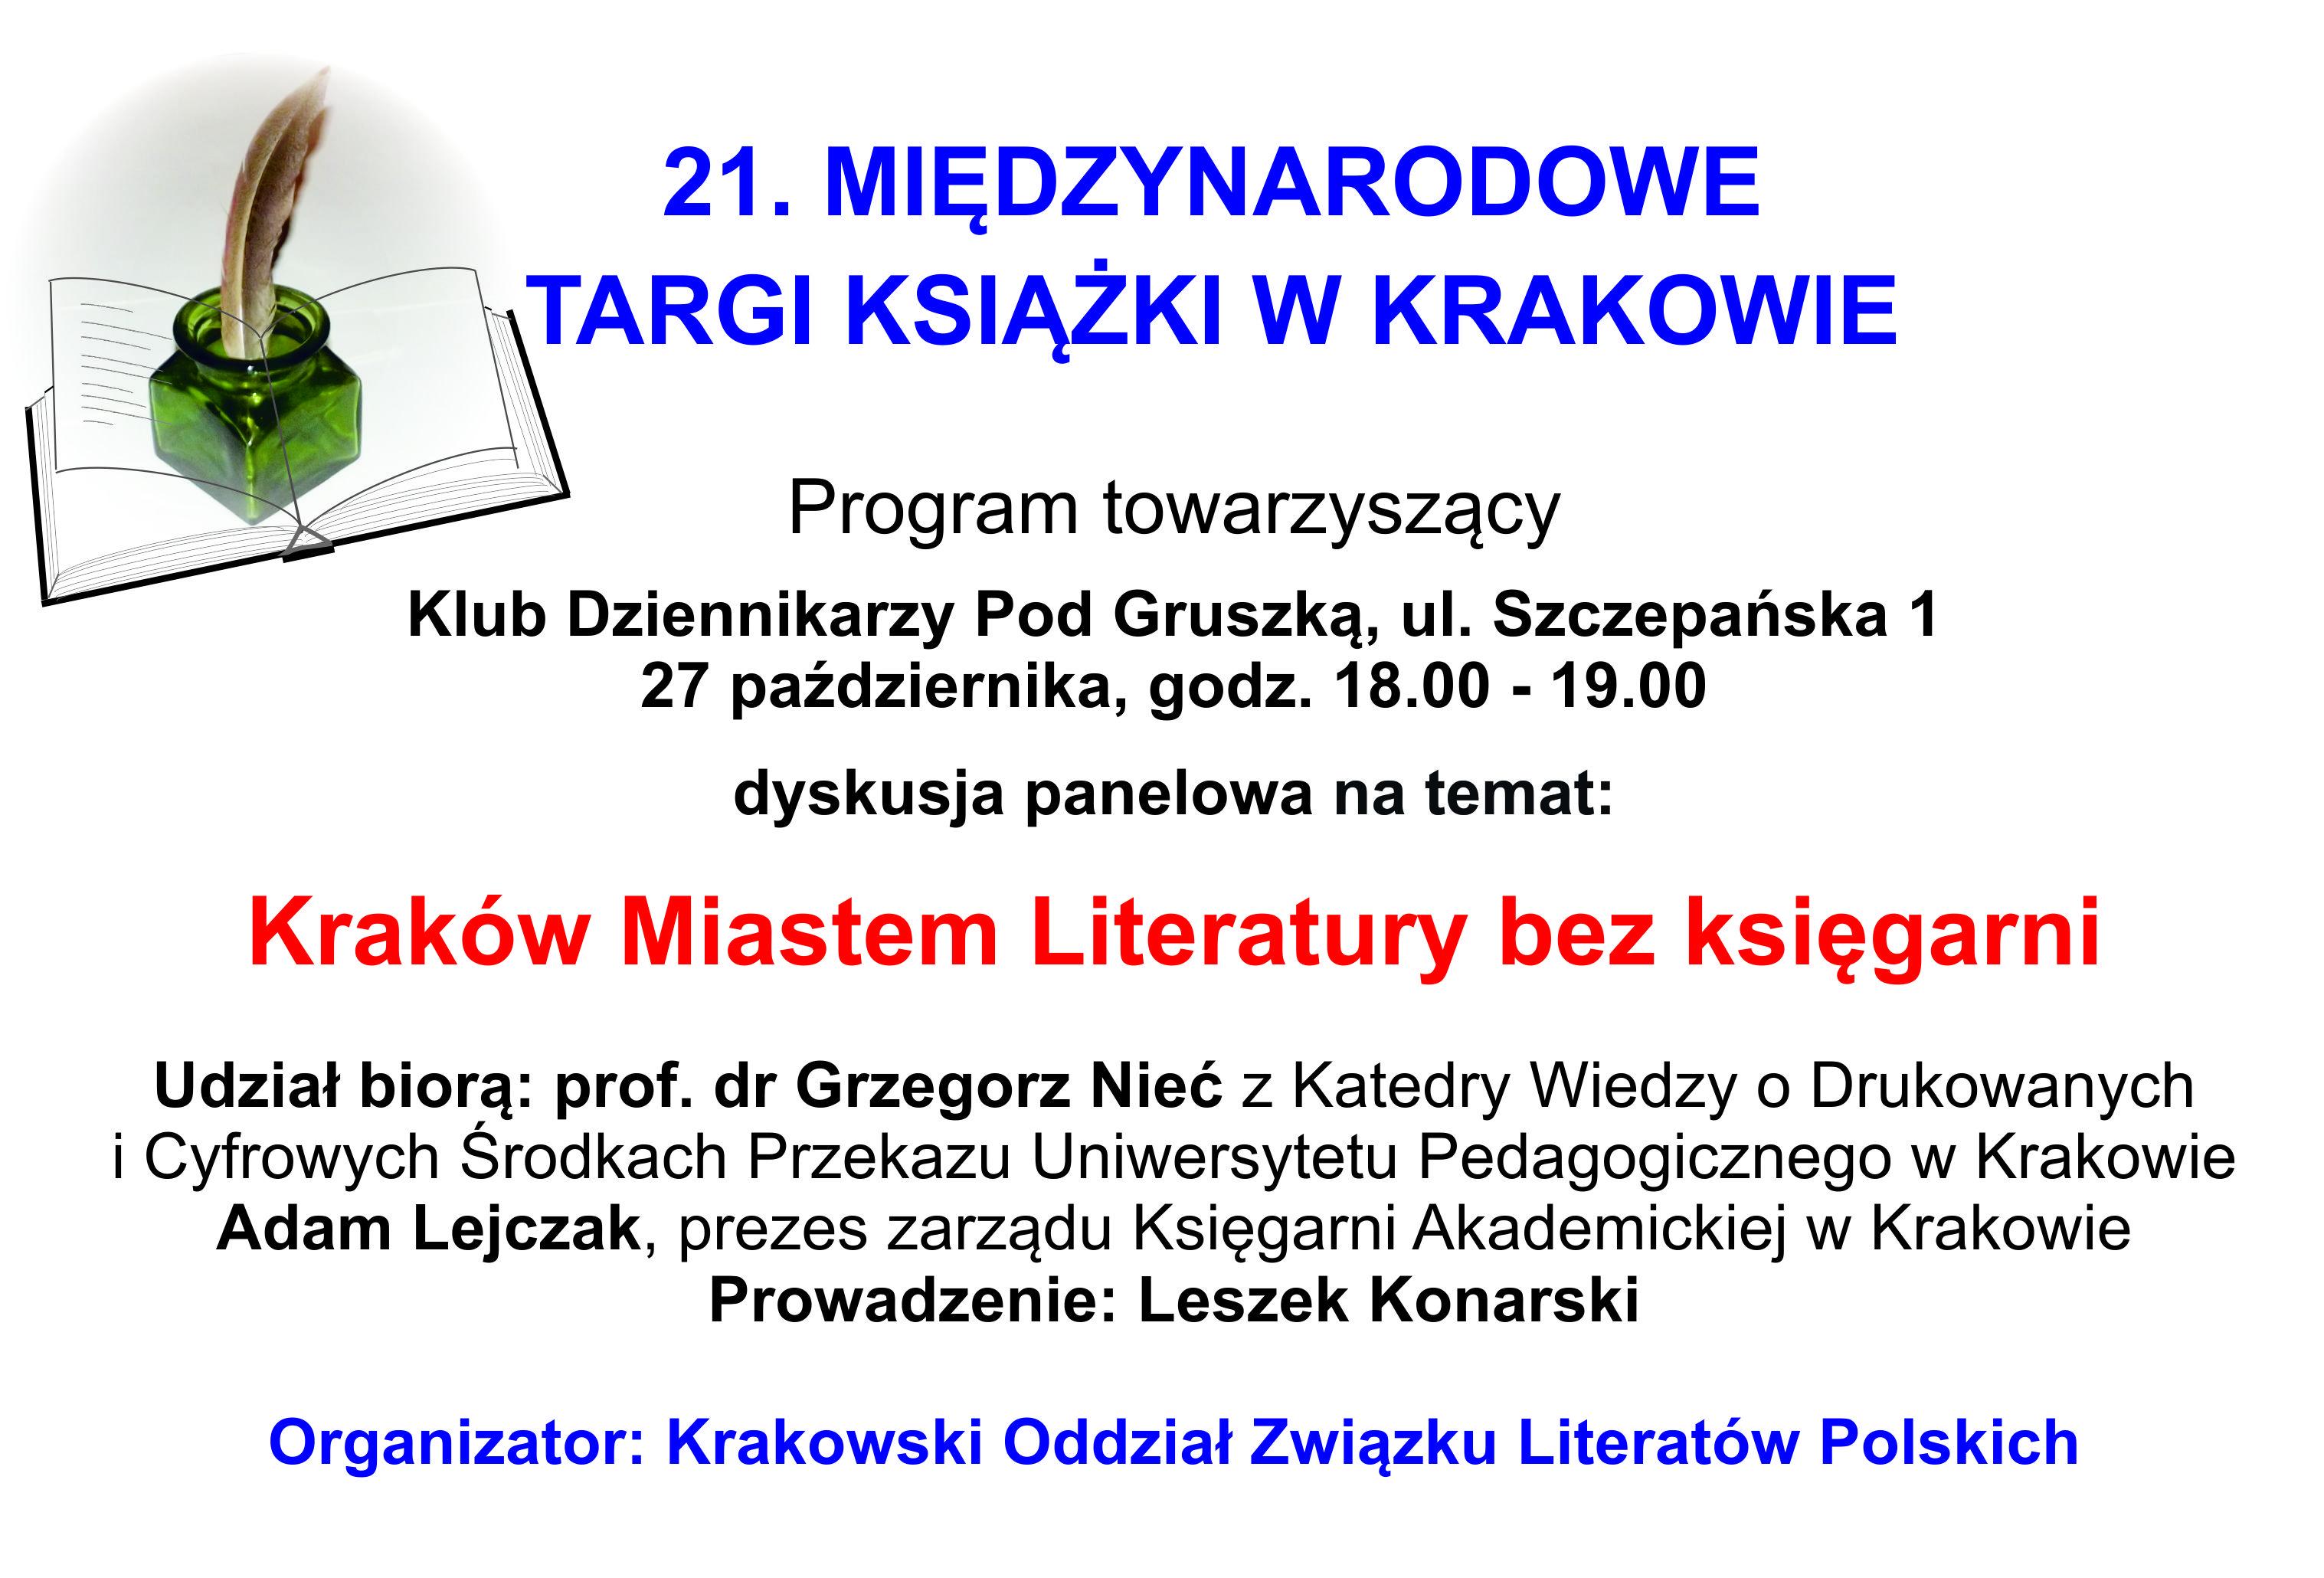 Danuta Sułkowska Strona 4 Krakowski Oddział Związku Literatów